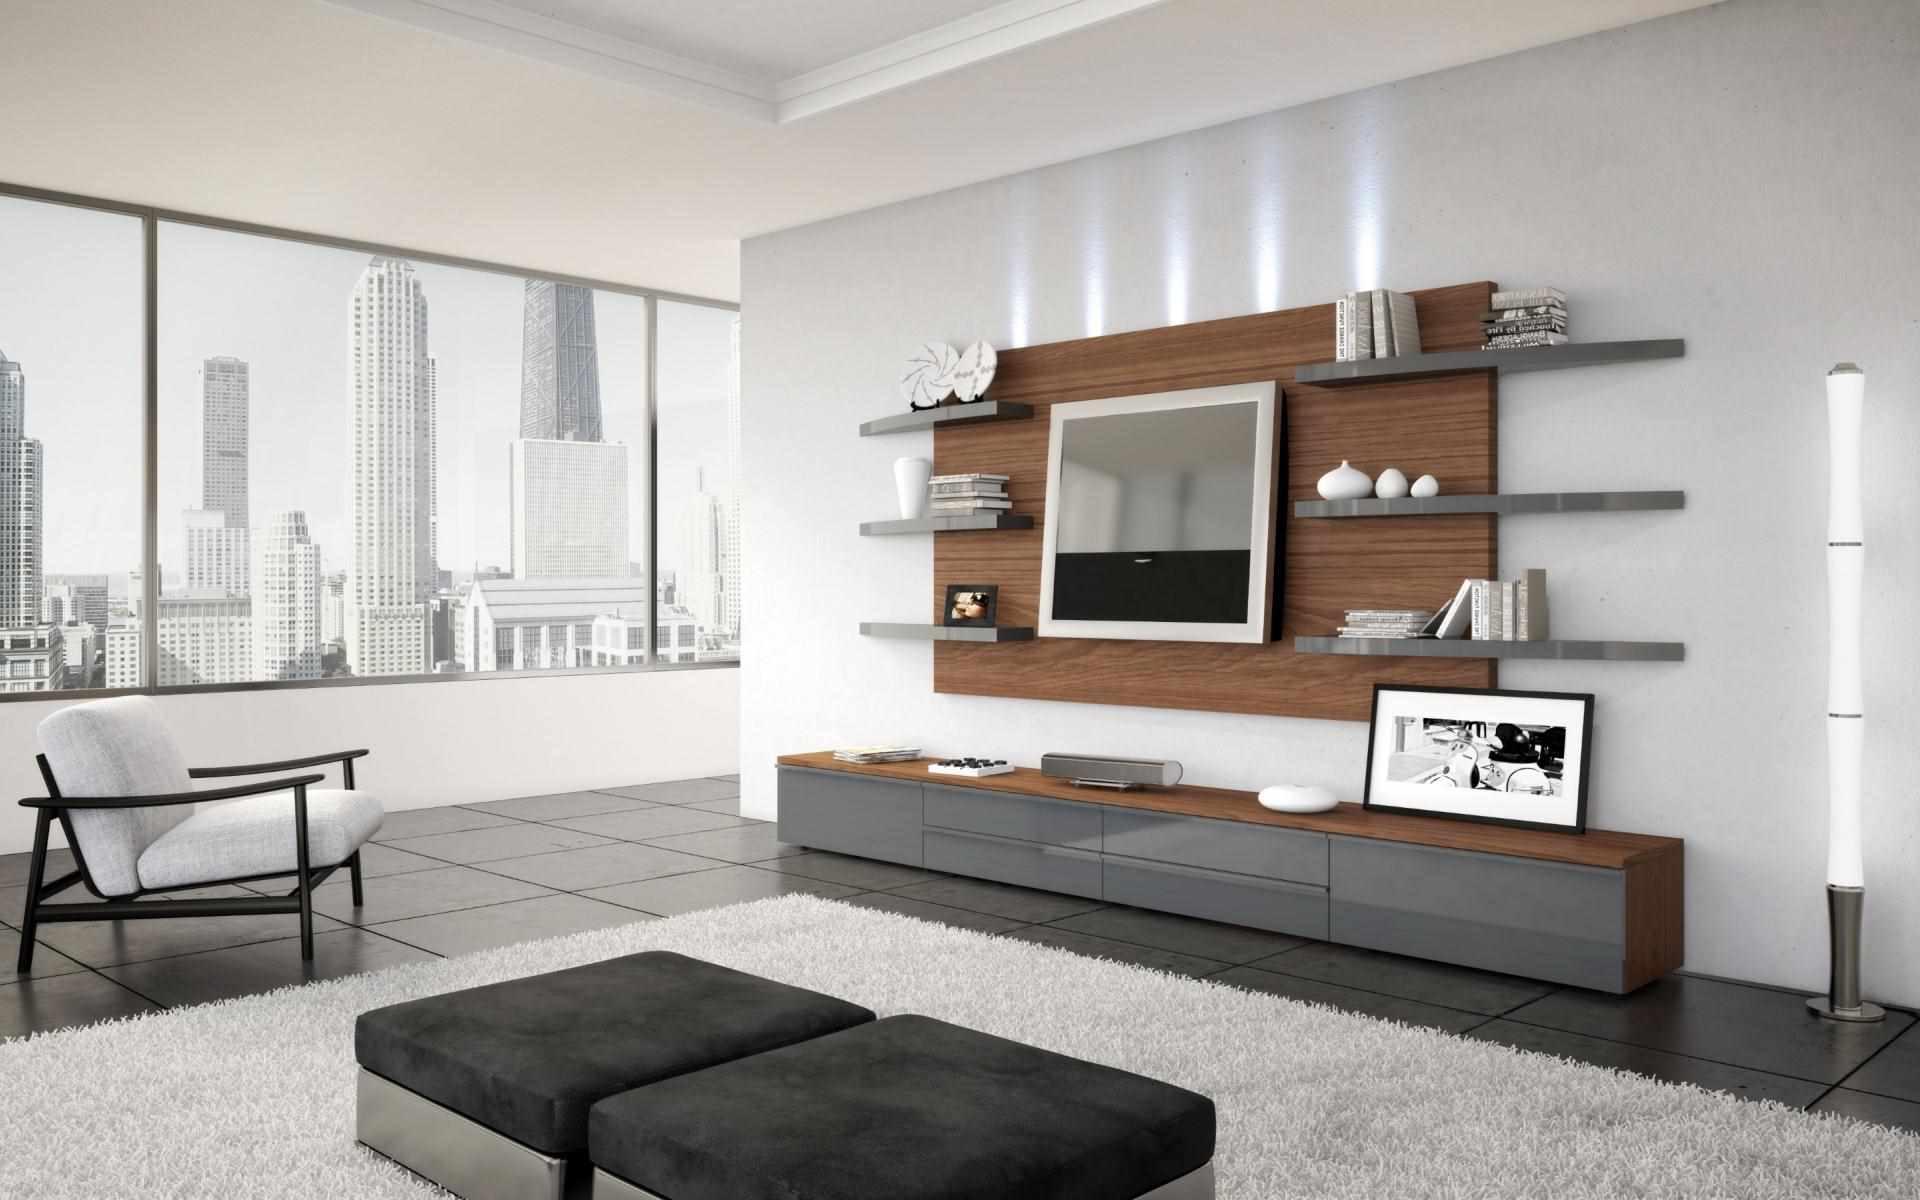 Ý tưởng hình nền thiết kế tươi sáng cho phòng khách